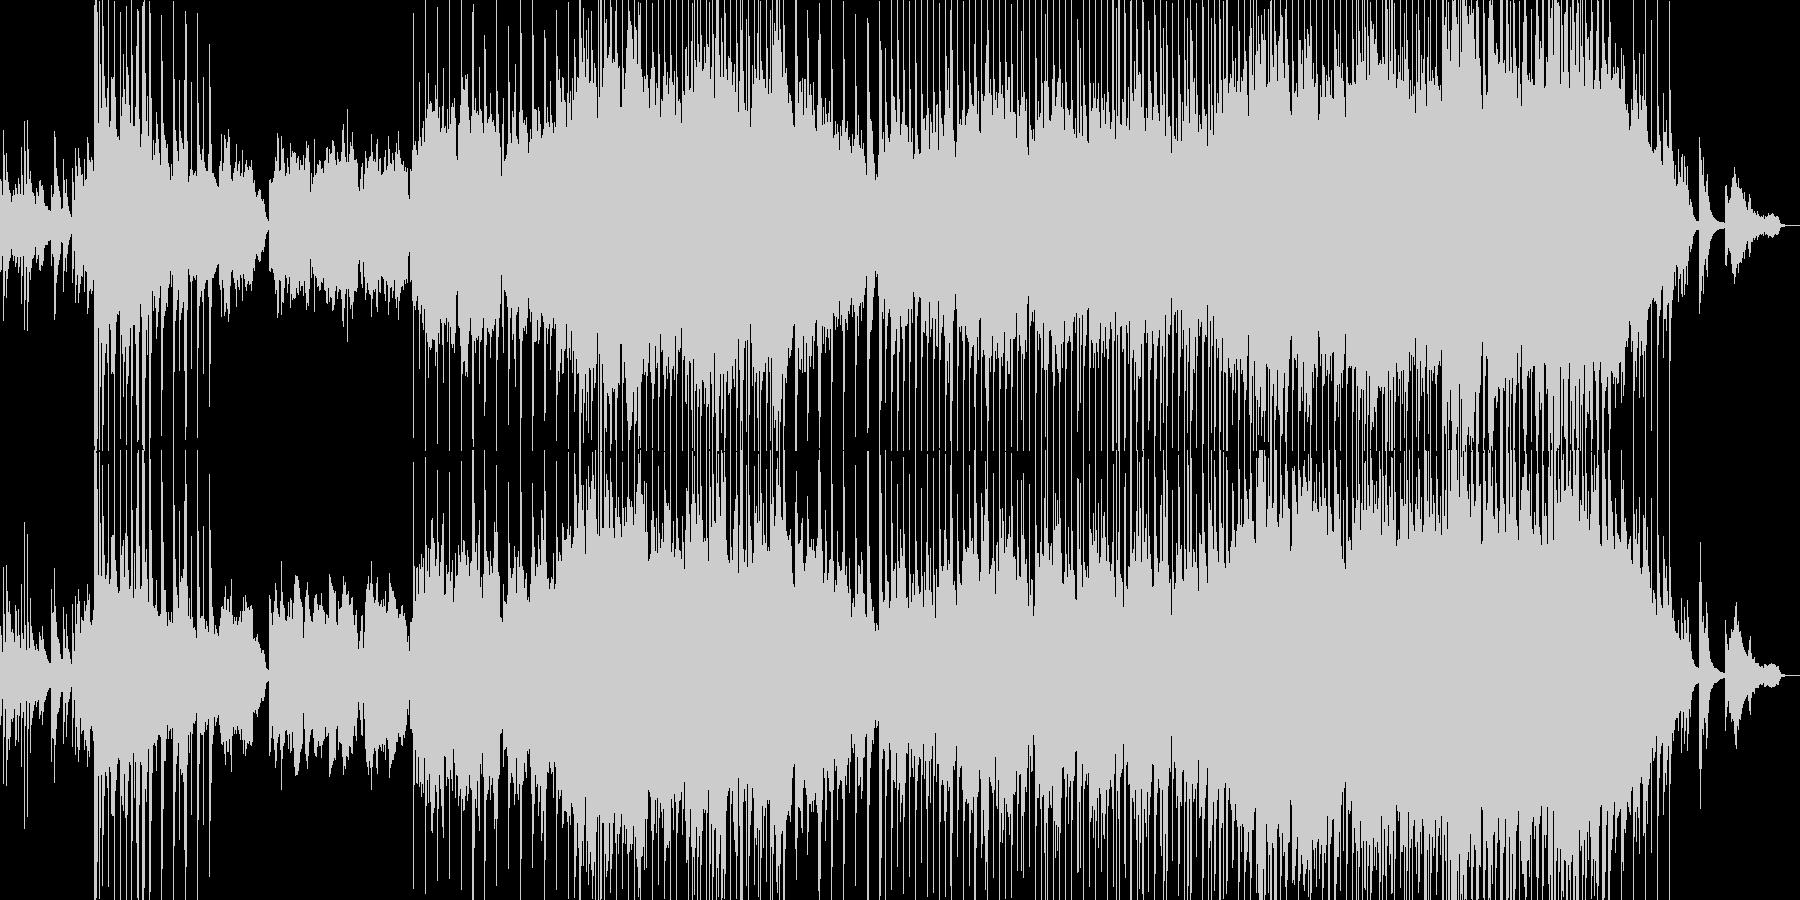 悲しい雰囲気の韓流風バラードの未再生の波形